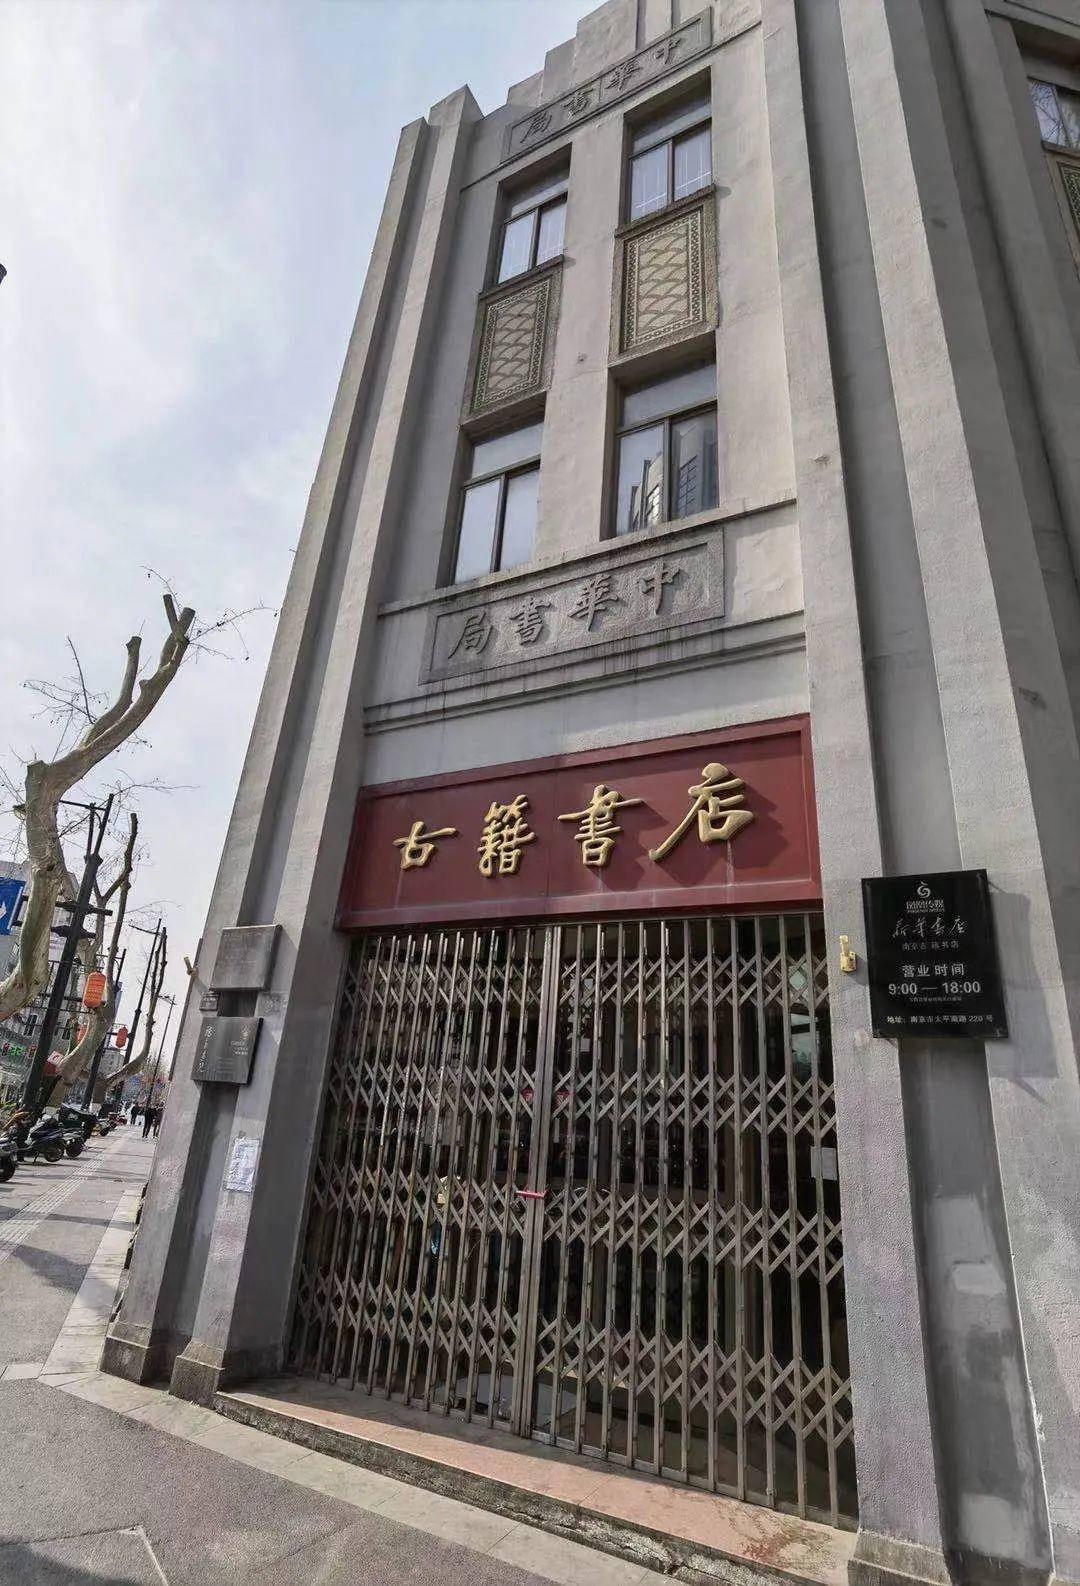 南京古籍书店。南报融媒体记者 朱彦 摄